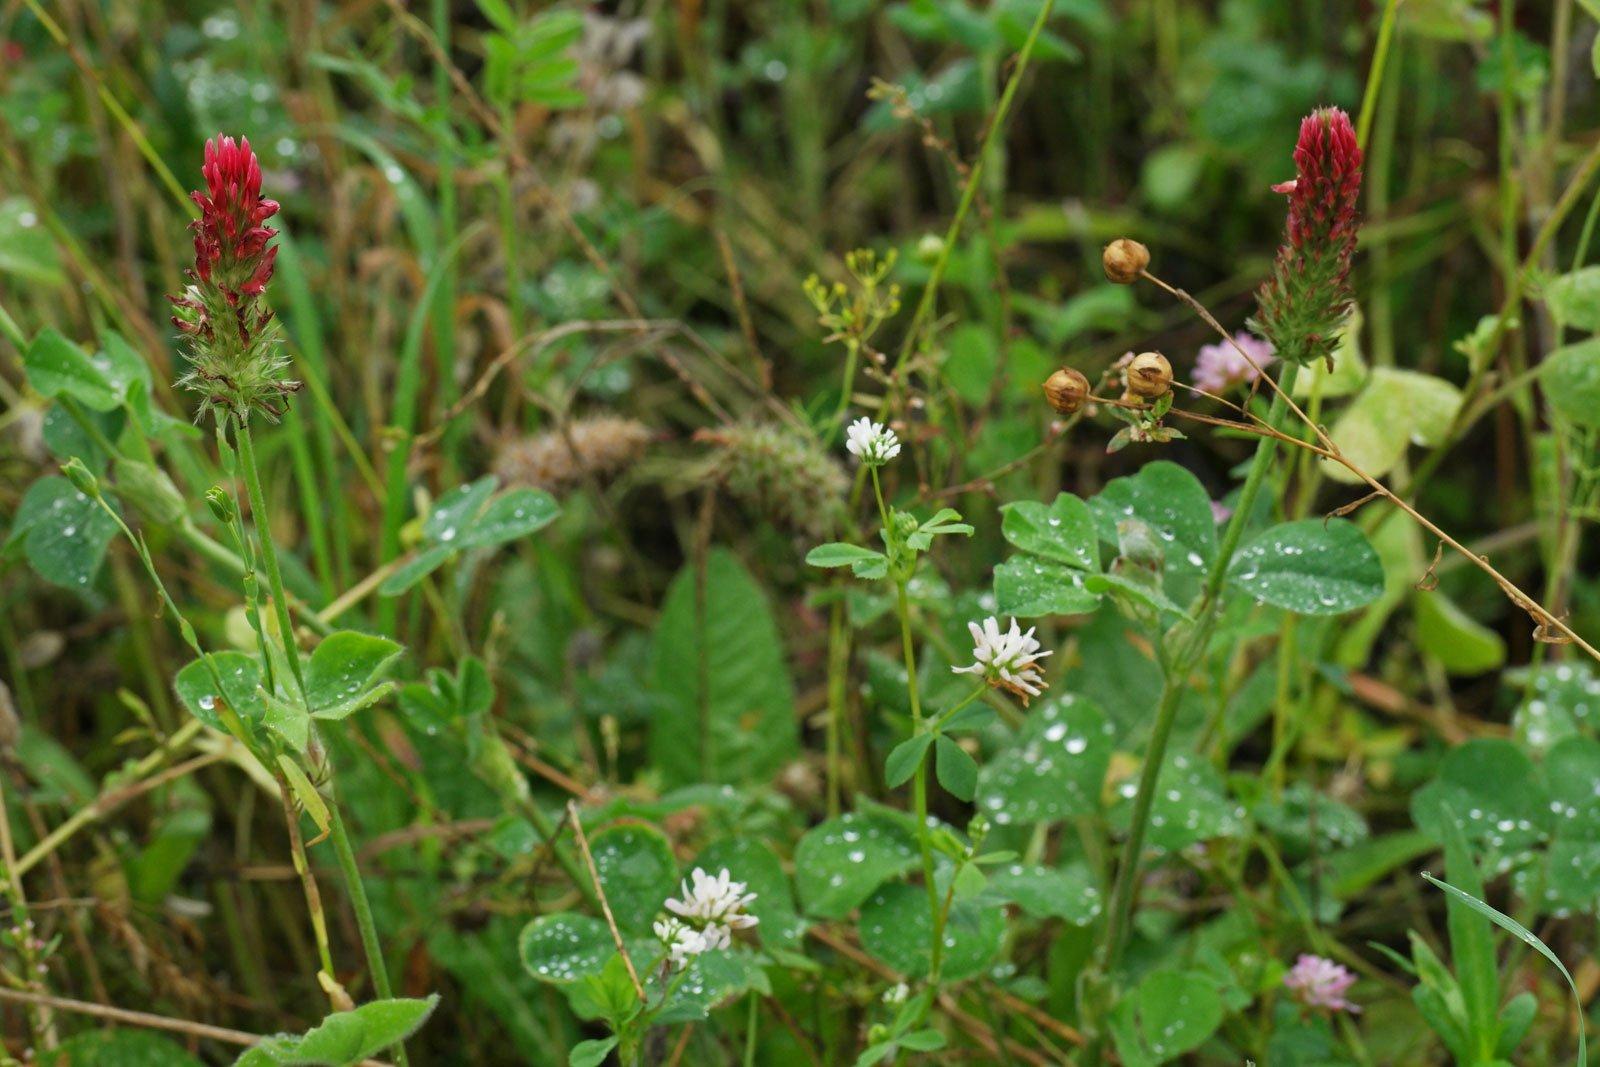 Trifolium incarnatum & Trifolium resupinatum